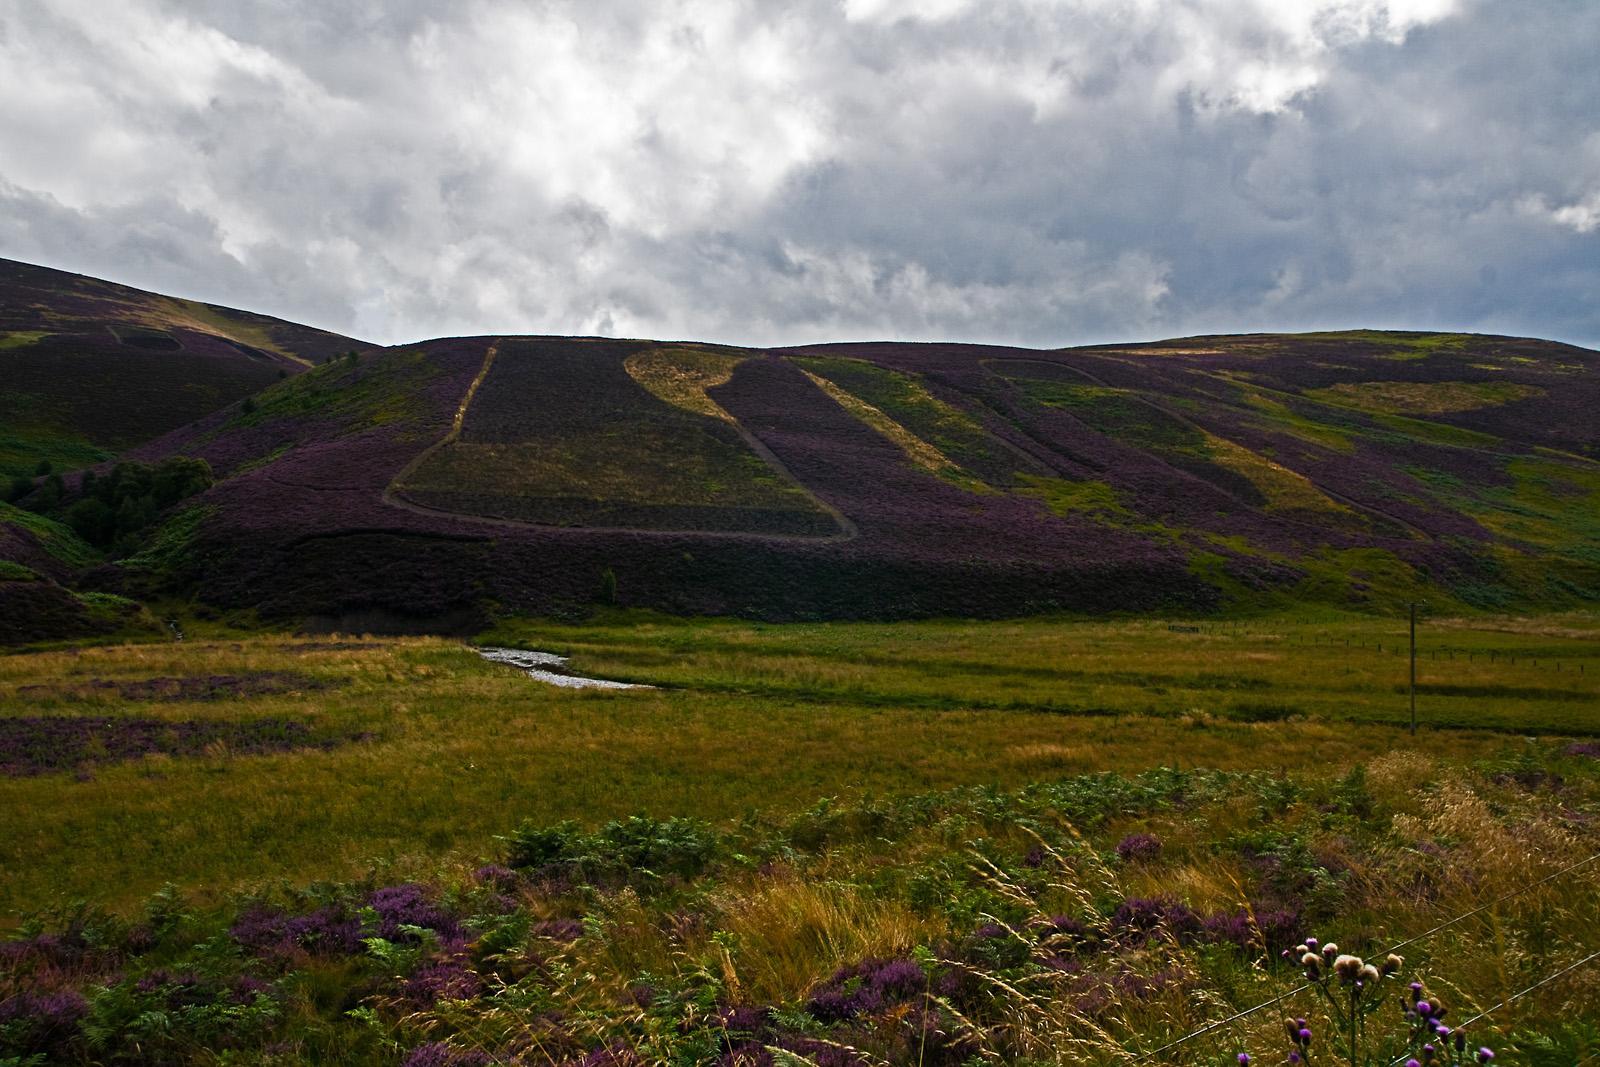 Schottland CXXVI - Moorfoot Hills